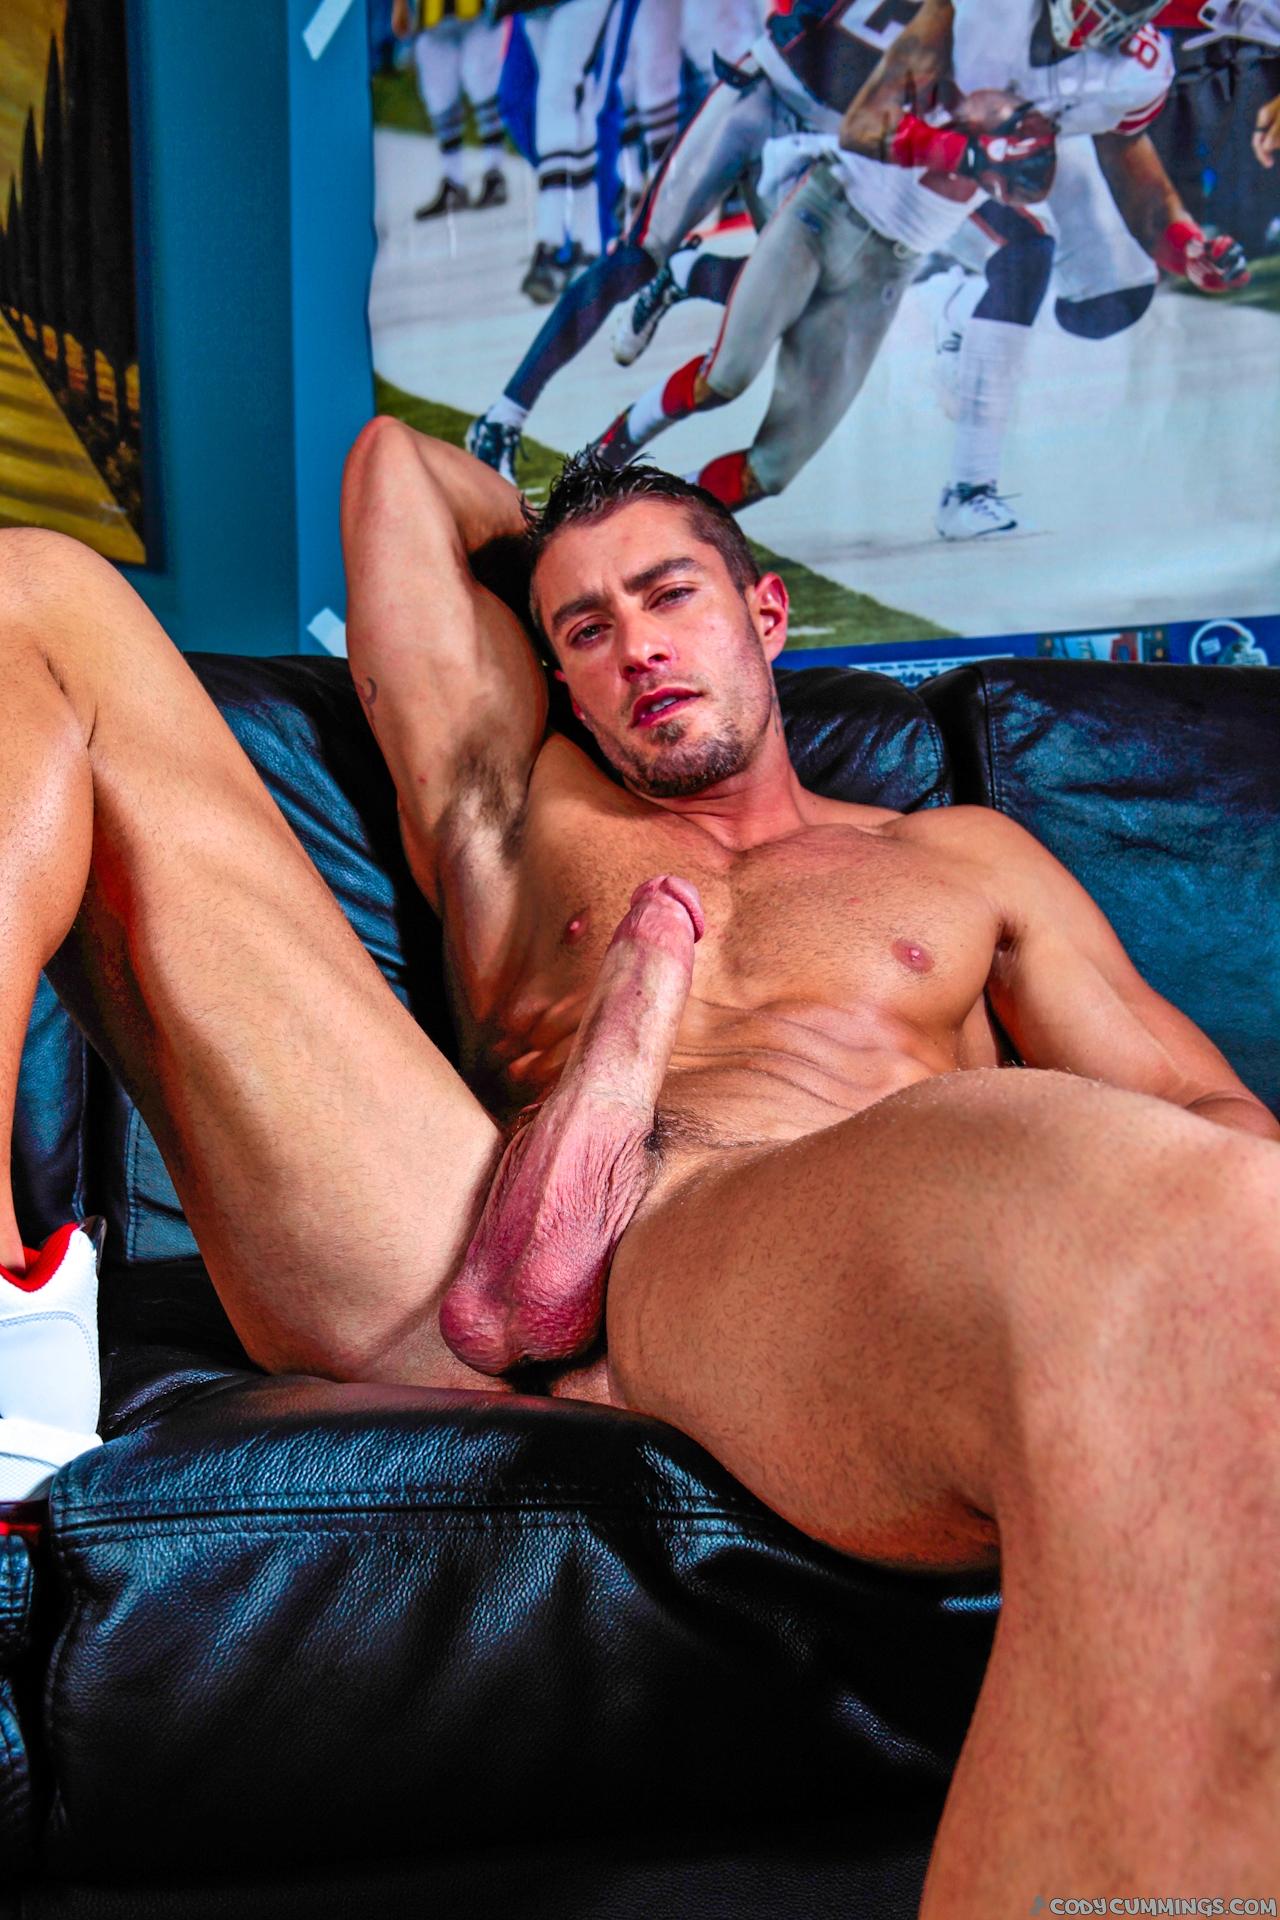 Cody cummings big cock